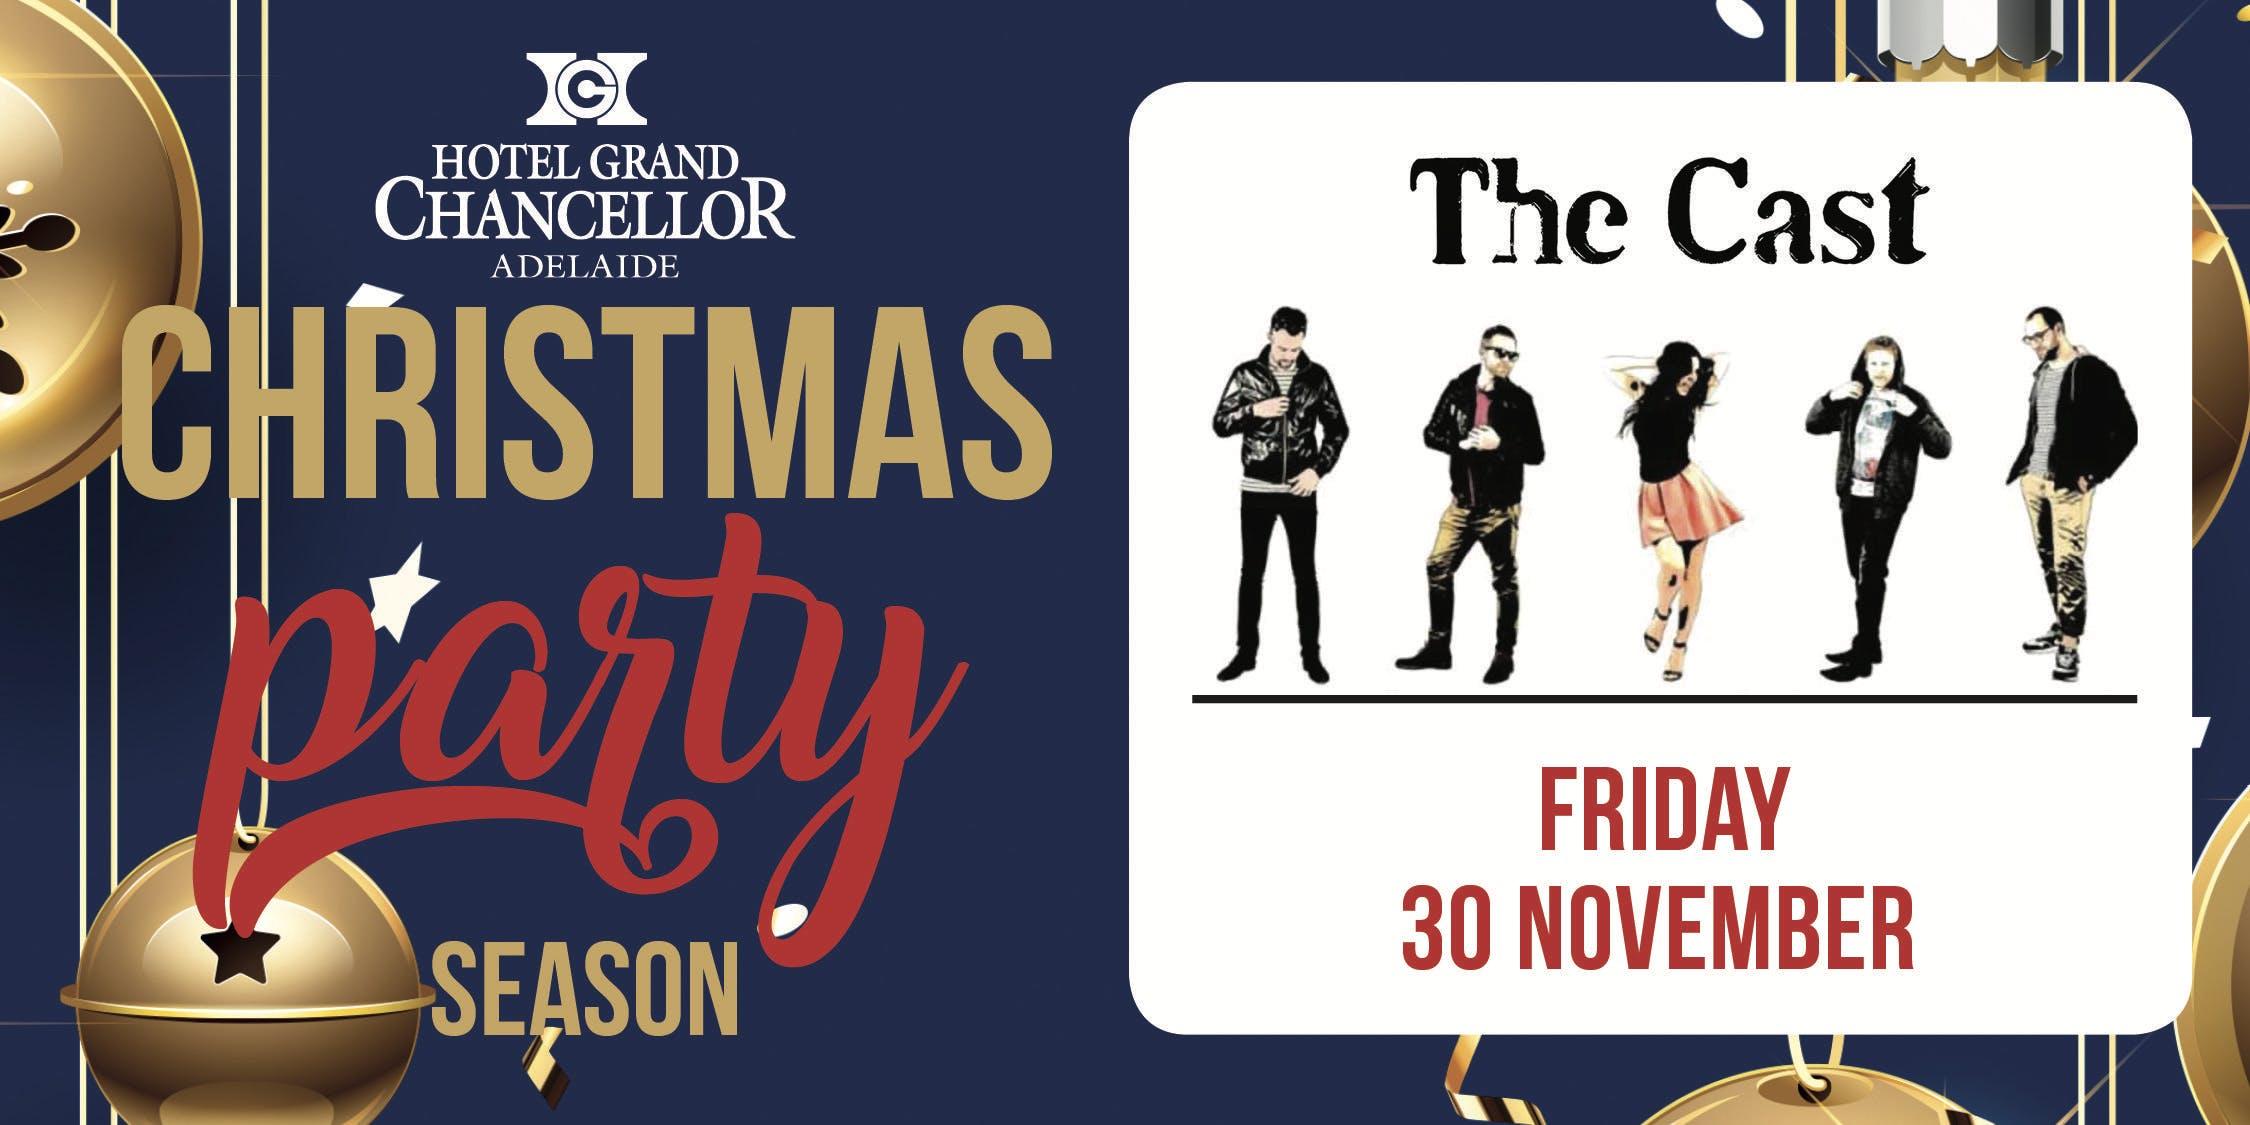 The Cast Christmas Show - Friday 30th November 2018 - 30 NOV 2018